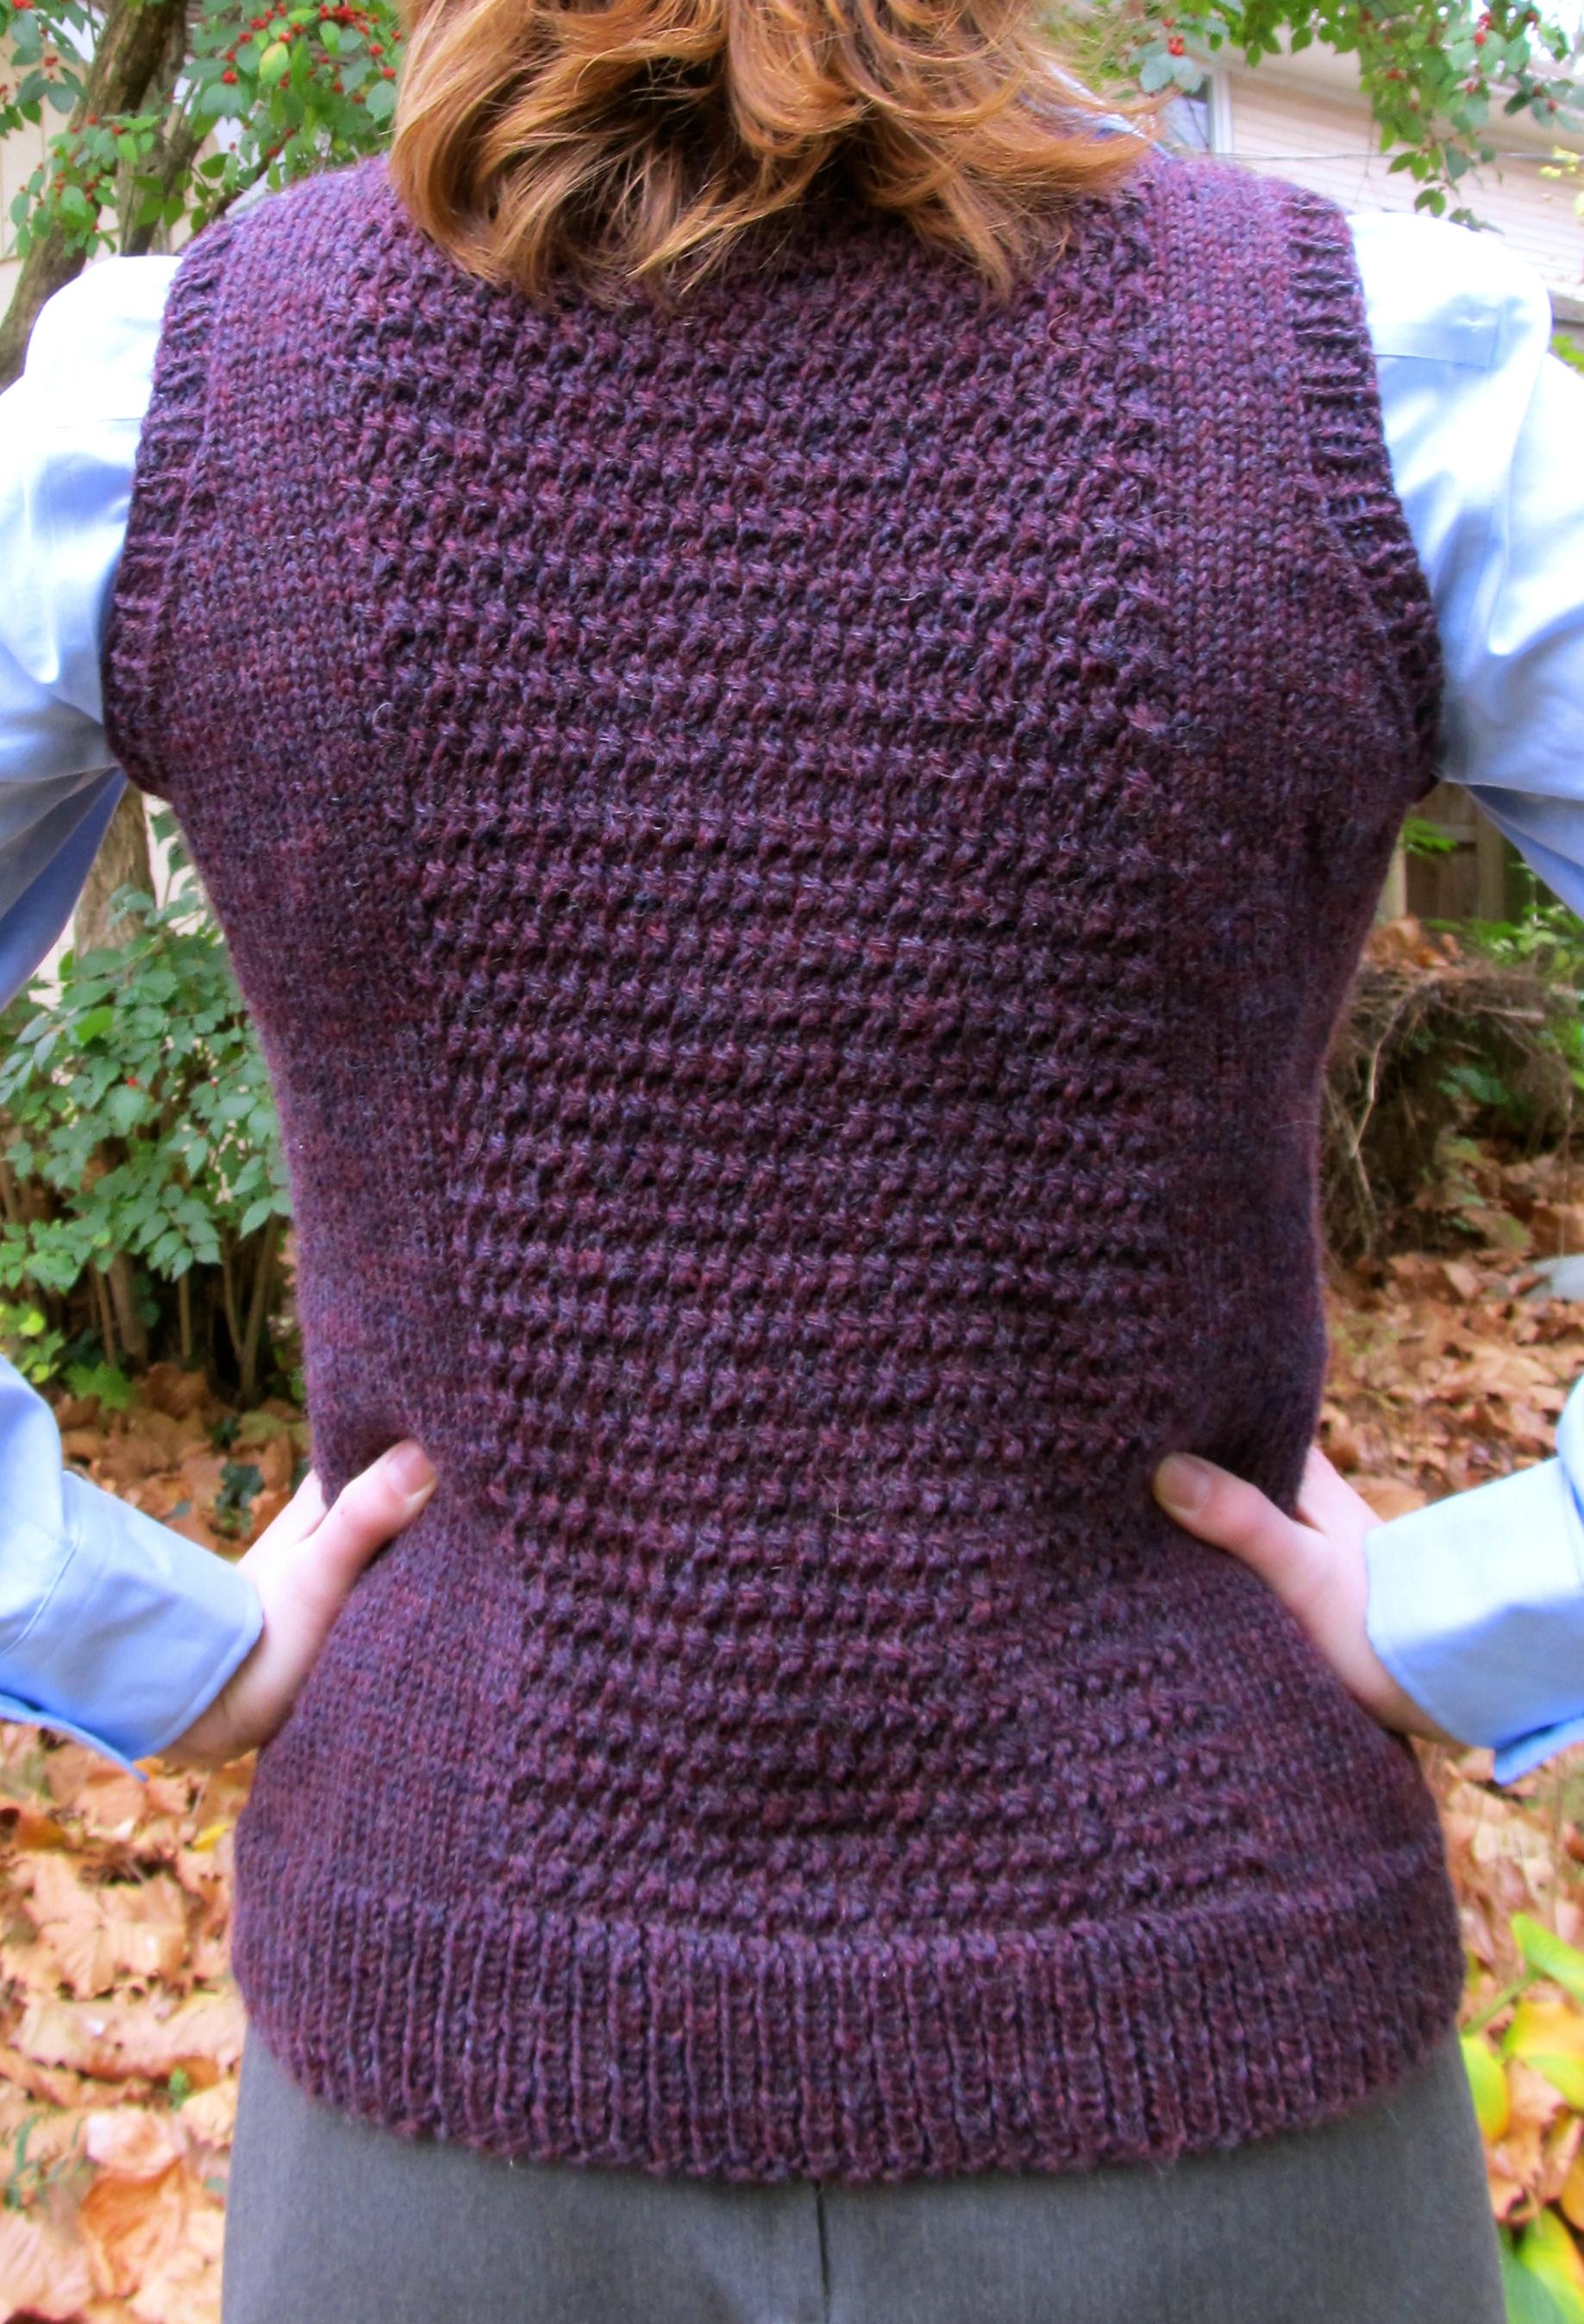 Vest detail